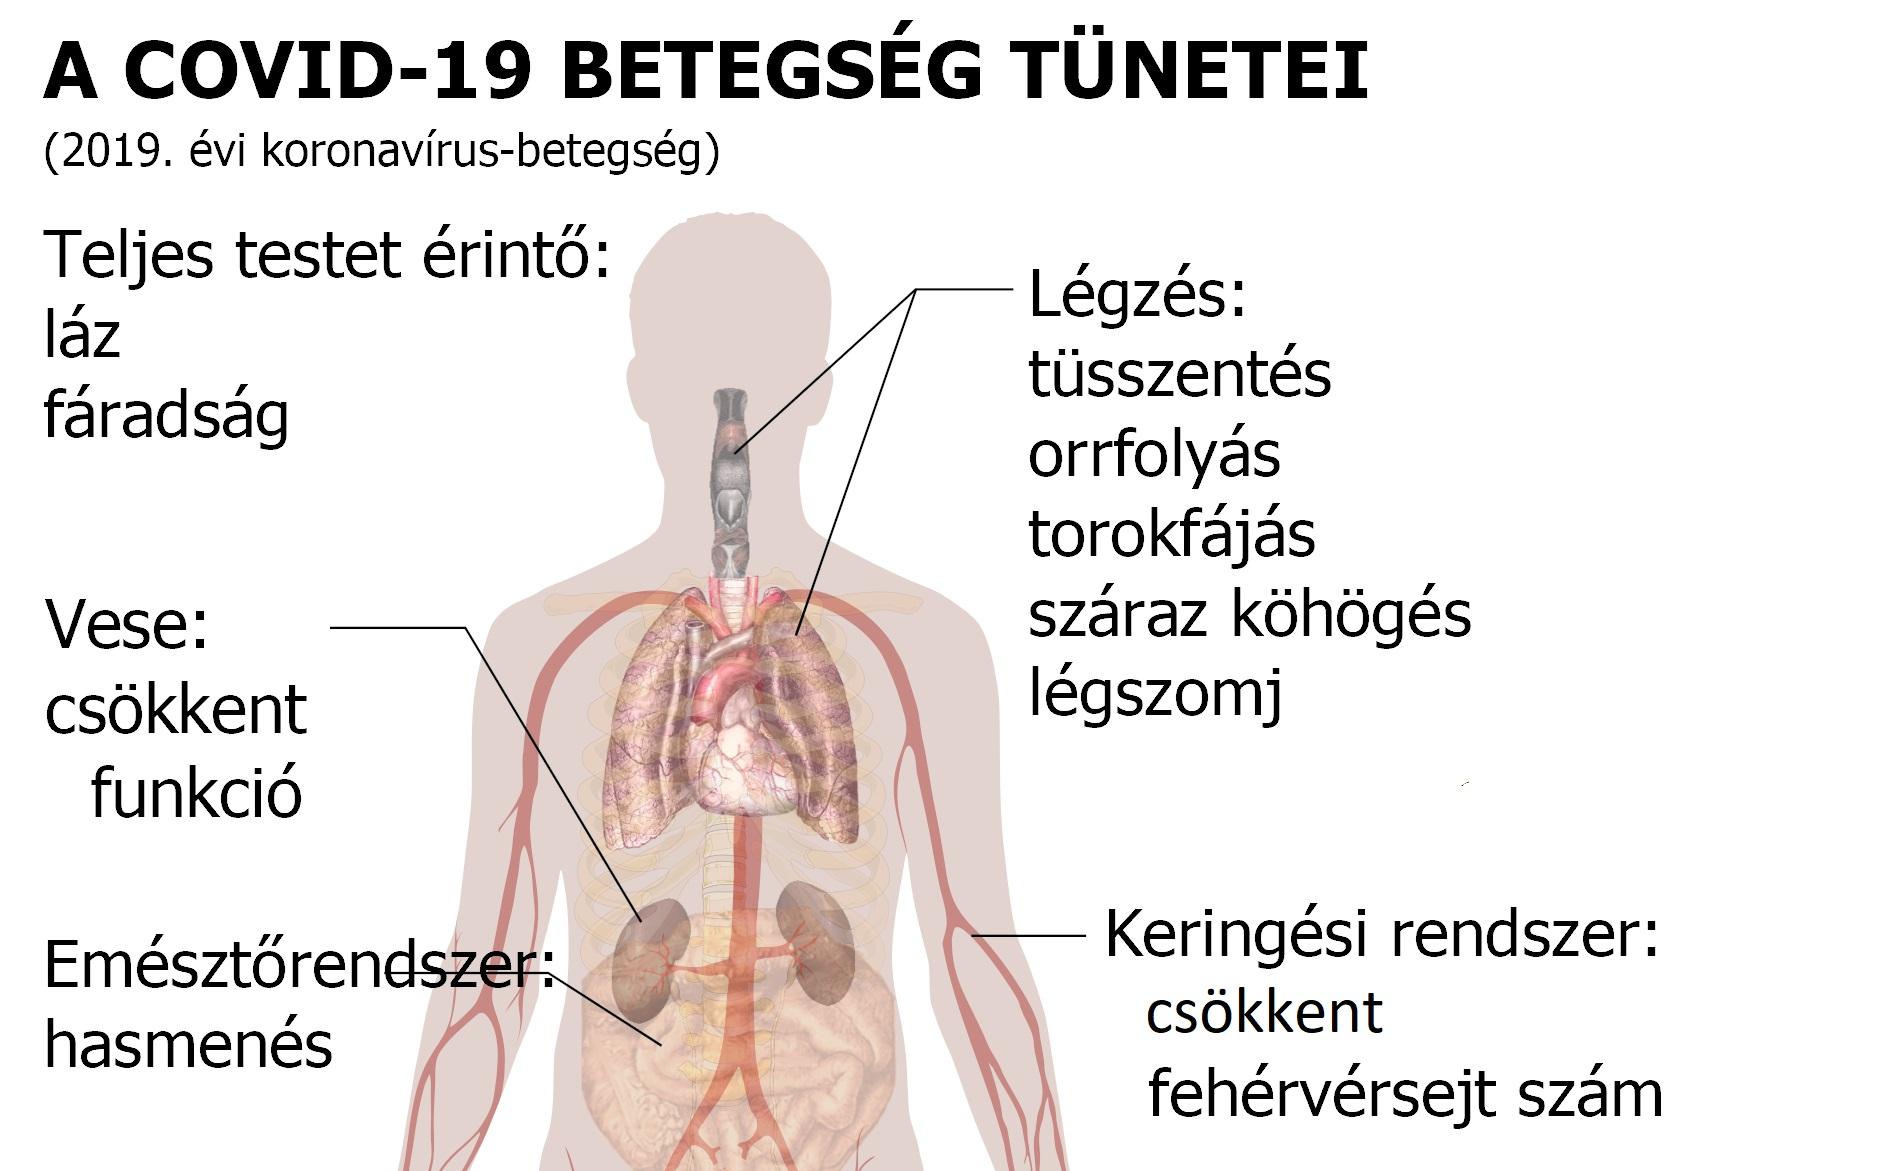 atenolol magas vérnyomás esetén eper és magas vérnyomás